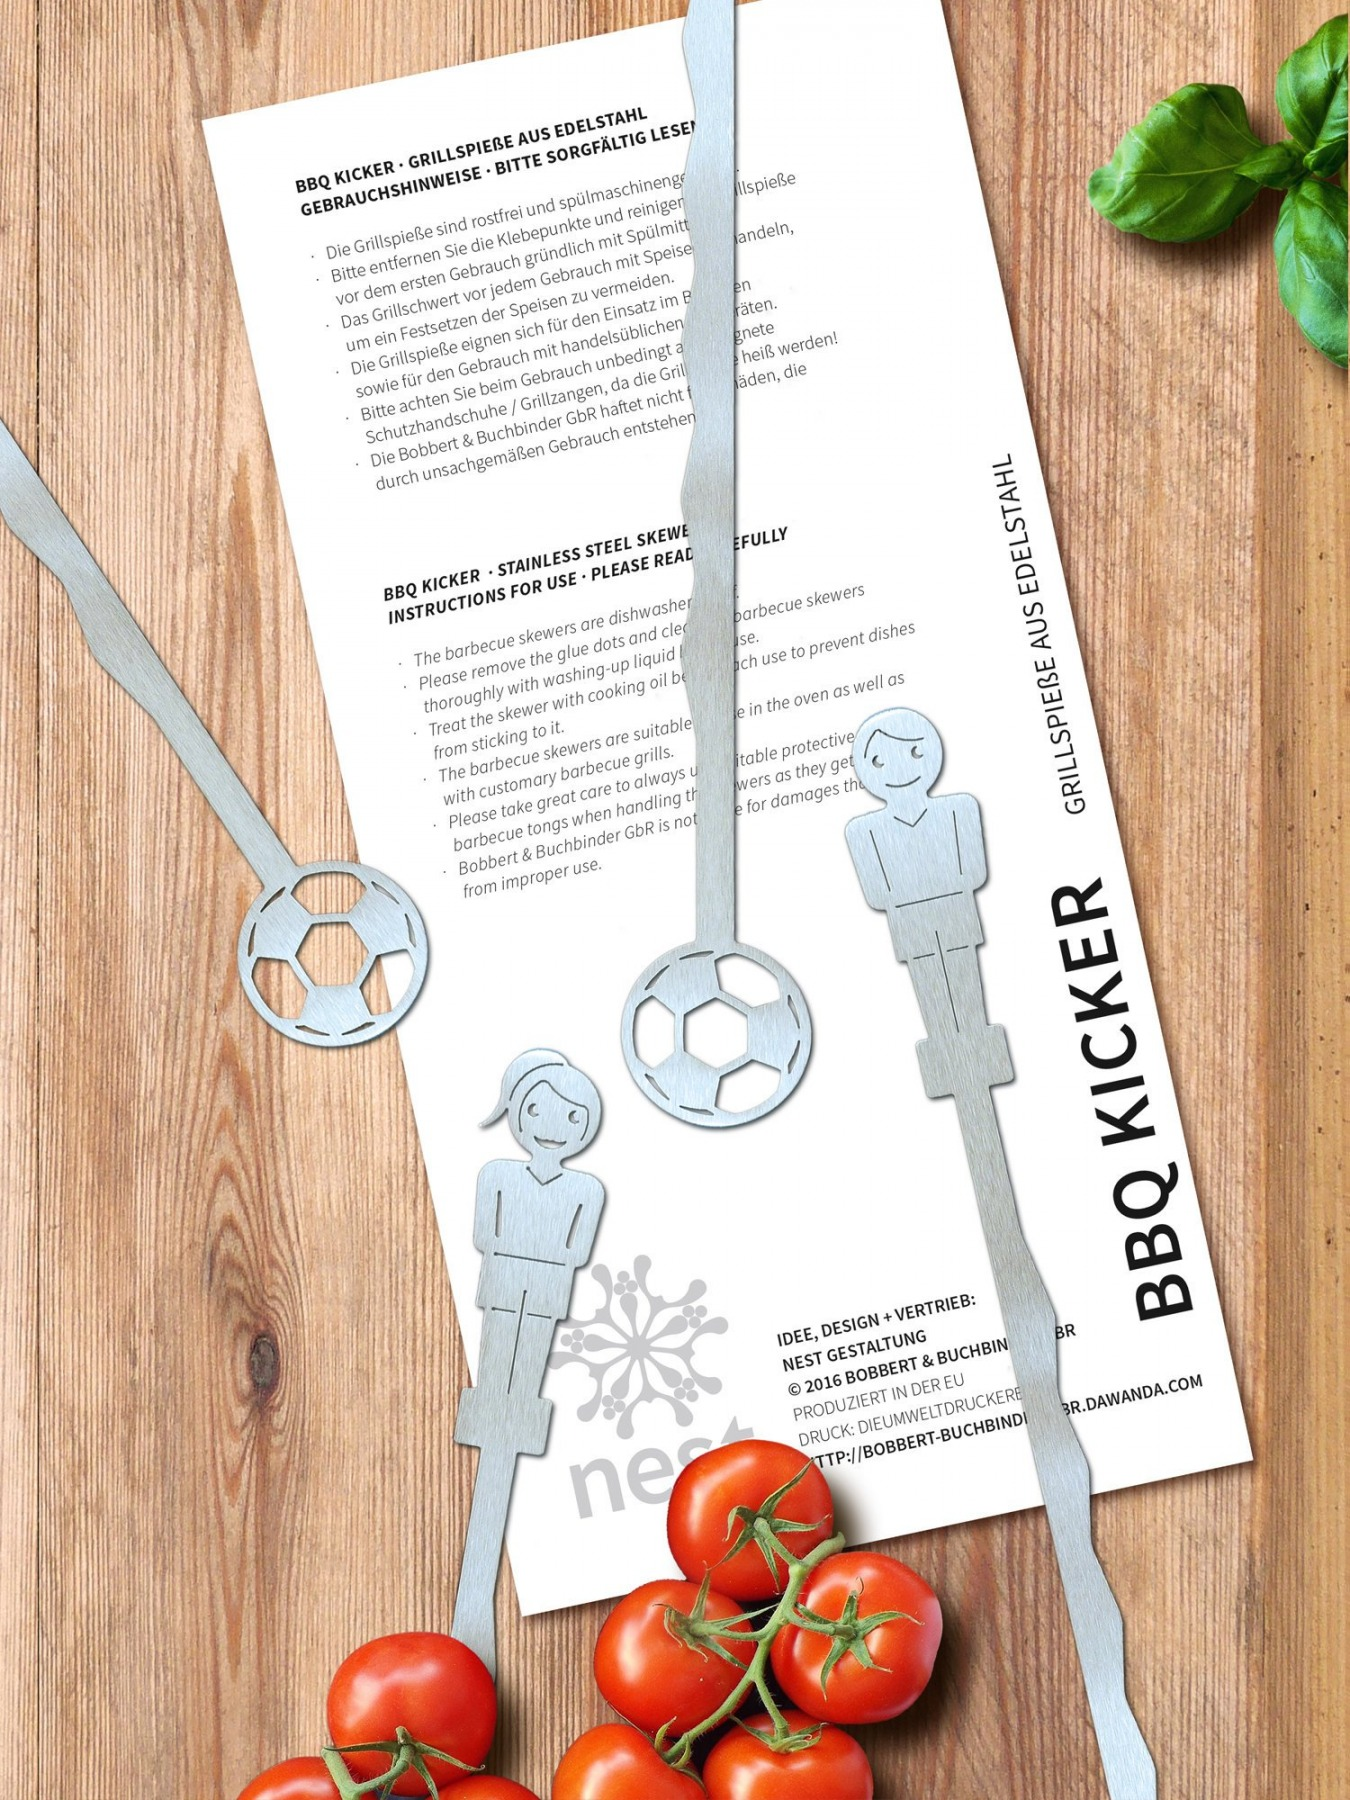 BBQ Kicker Grillspieße 2x - 3